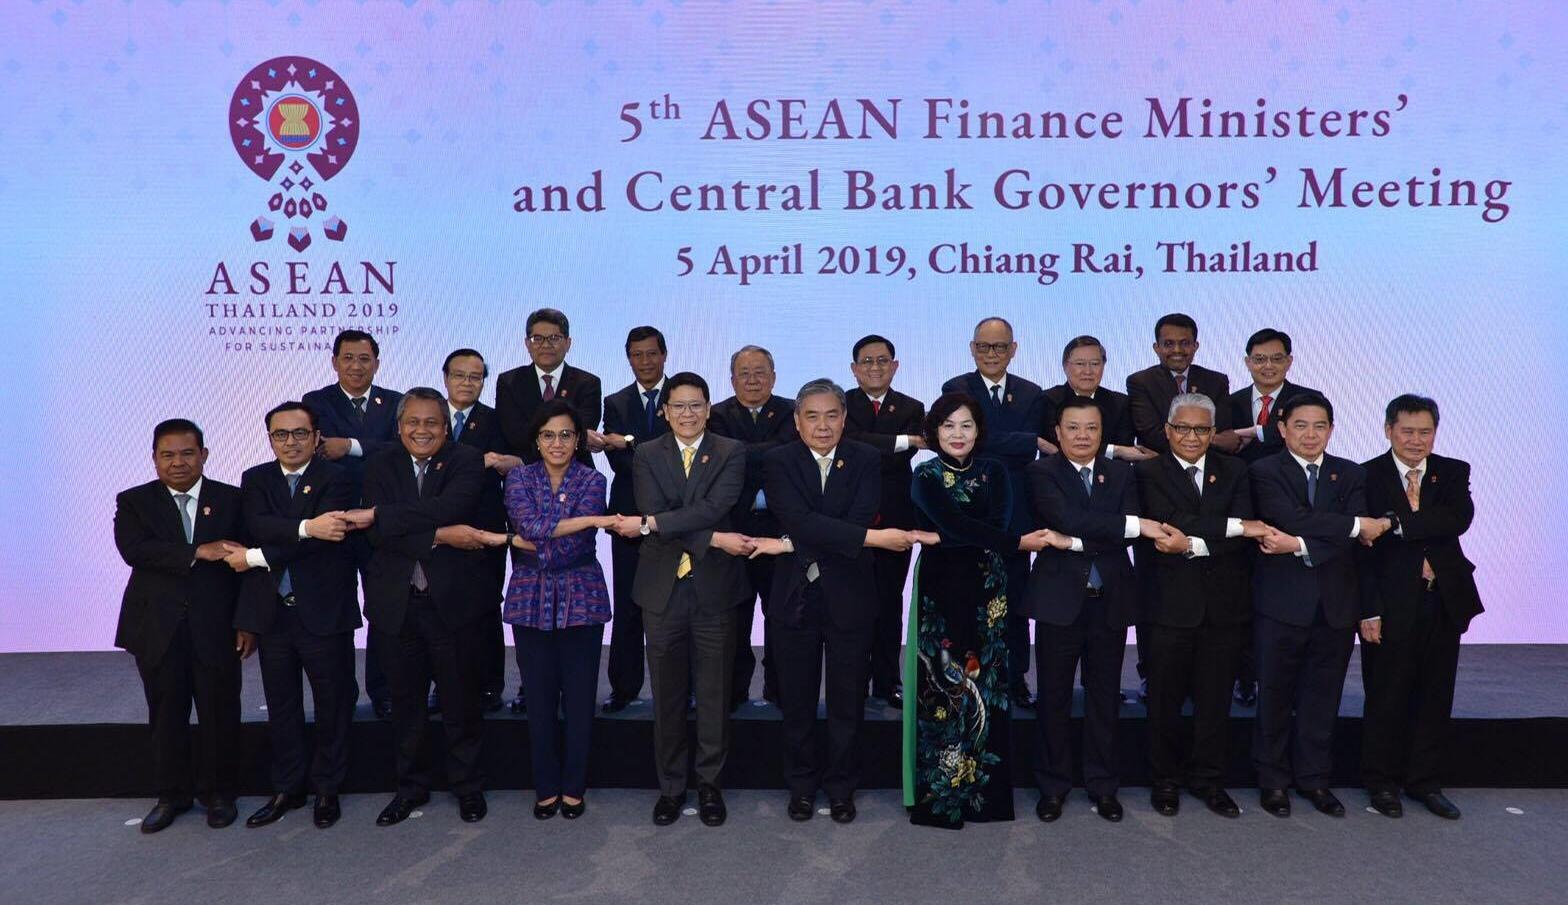 """ธปท.ดึง""""สิงคโปร์""""เชื่อมพร้อมเพย์ นำร่องพัฒนาระบบชำระเงินอาเซียน"""